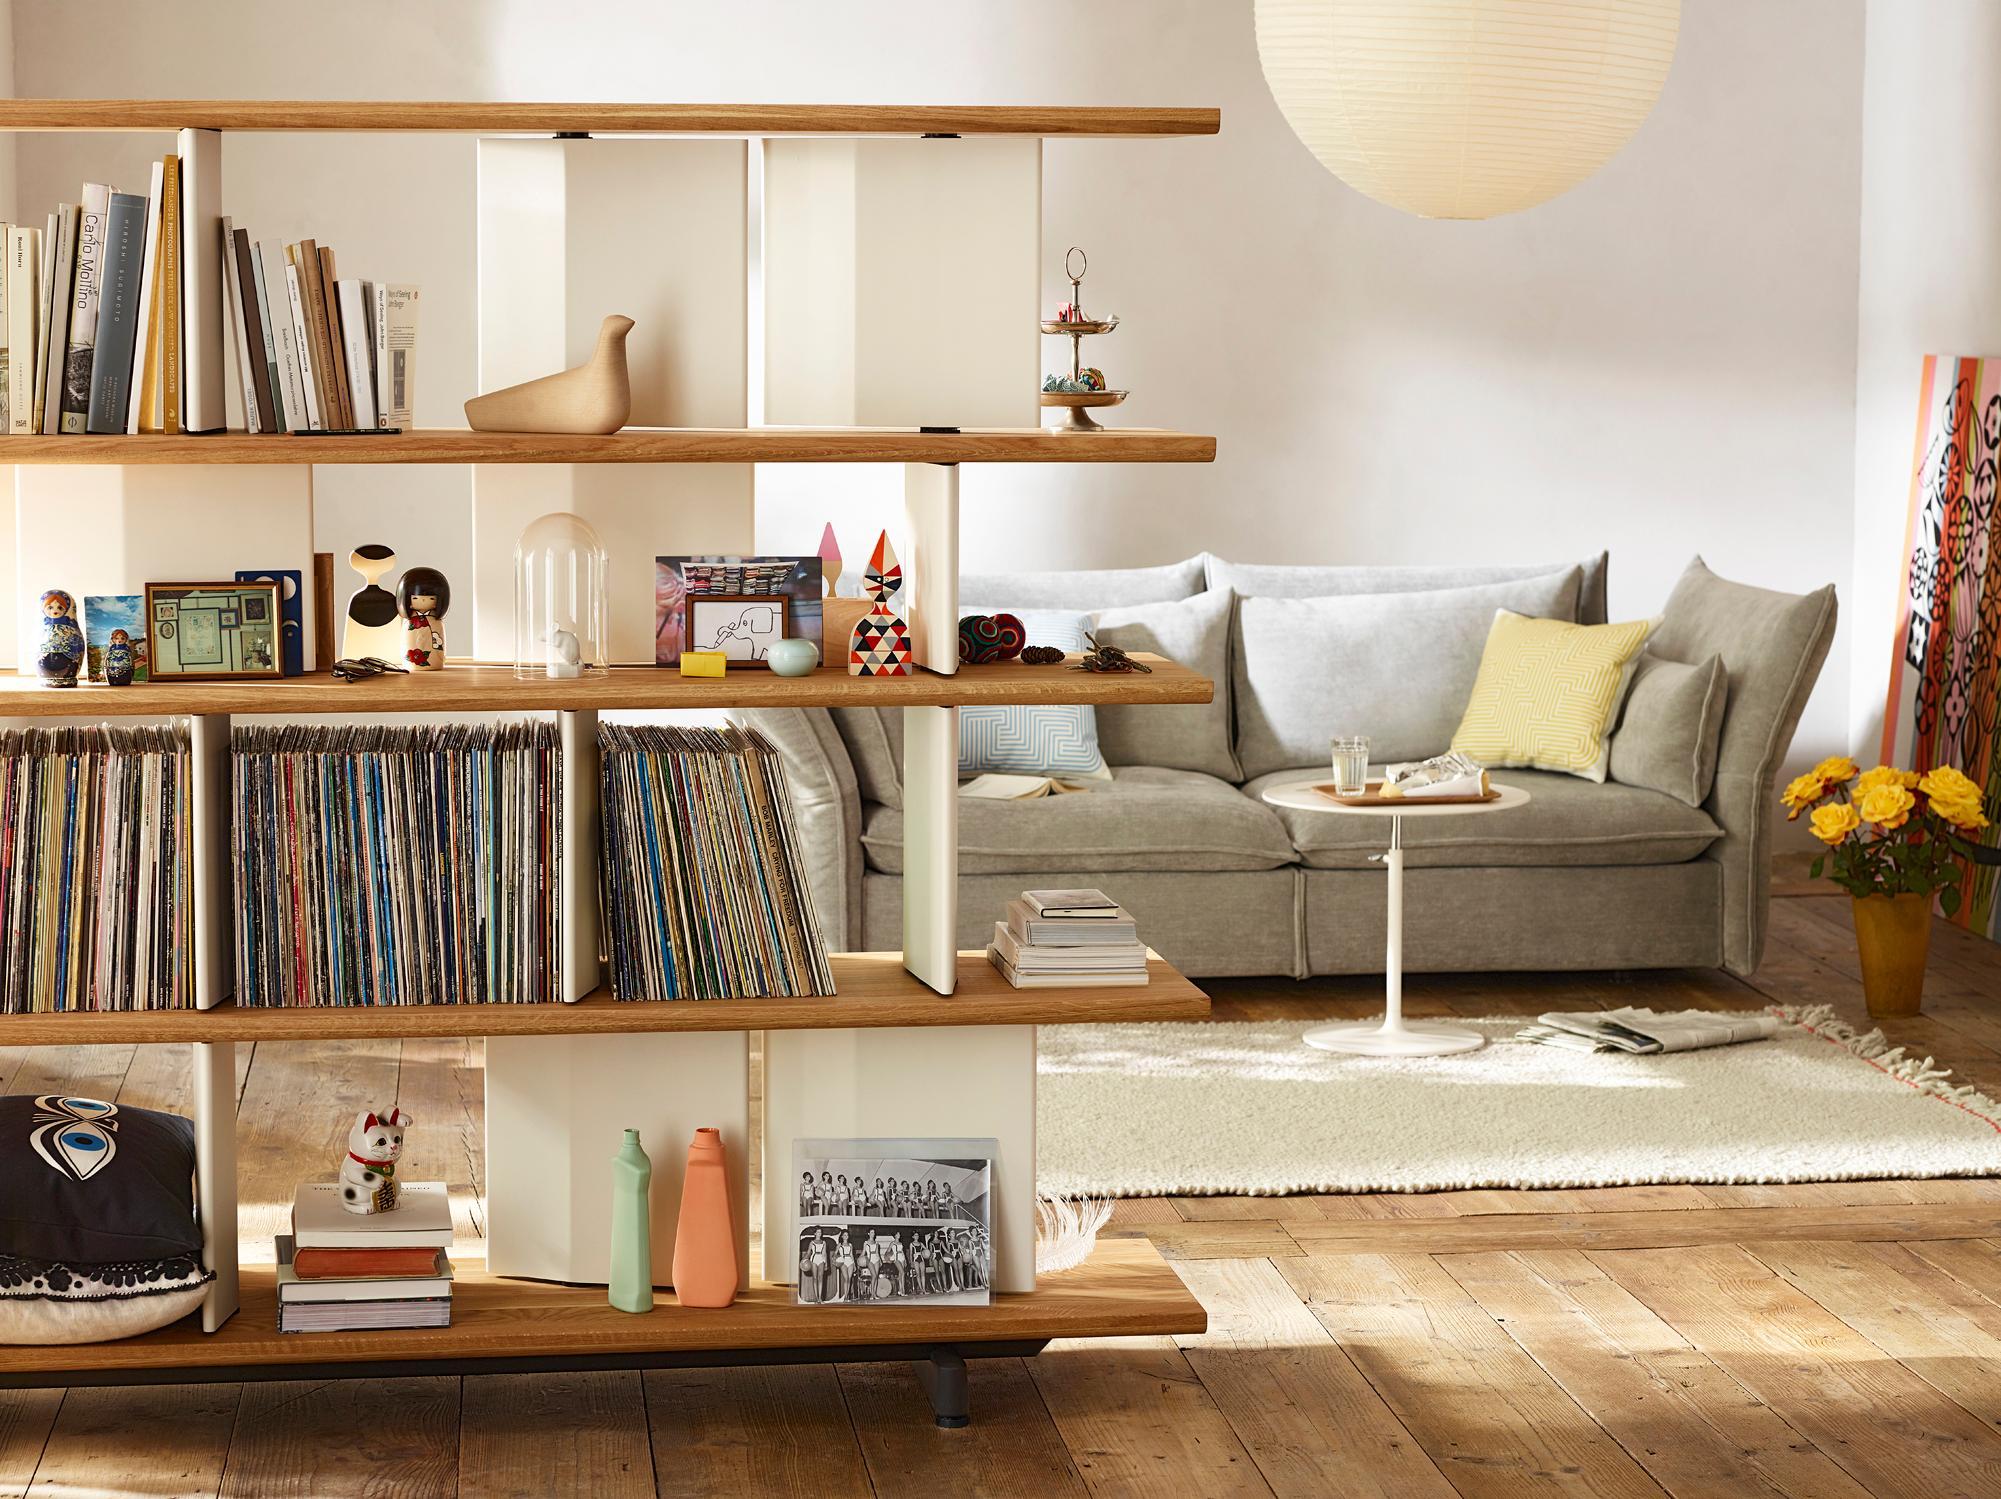 raumteiler • bilder & ideen • couchstyle, Wohnzimmer